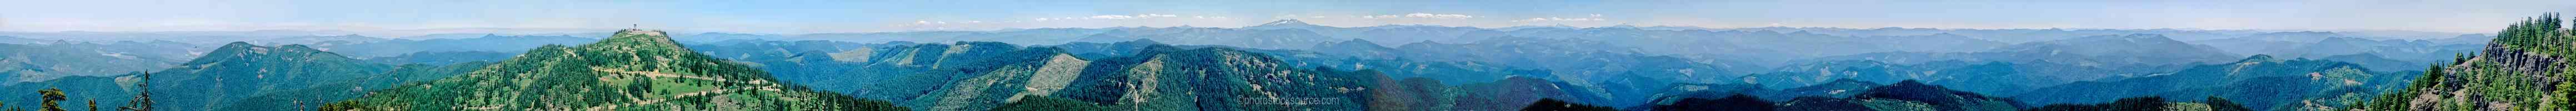 Fairfield Peak, Bohemia Mt.